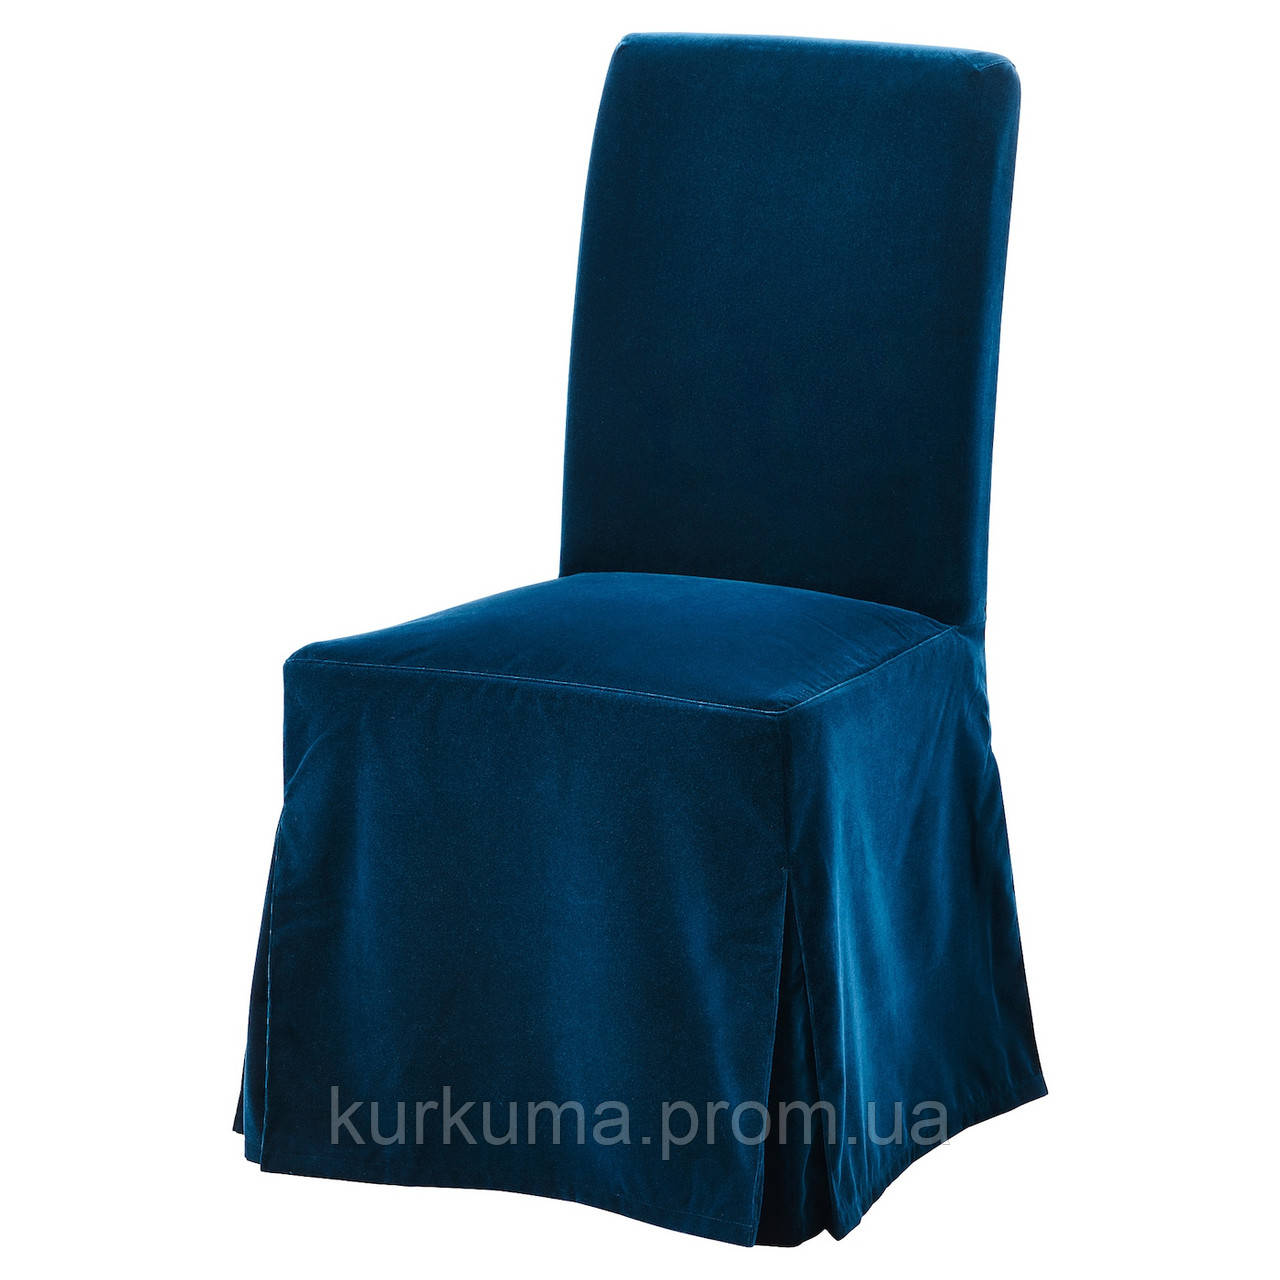 IKEA HENRIKSDAL Чехол для стула, длинный, Djuparp темно-зеленый синий (504.699.19)